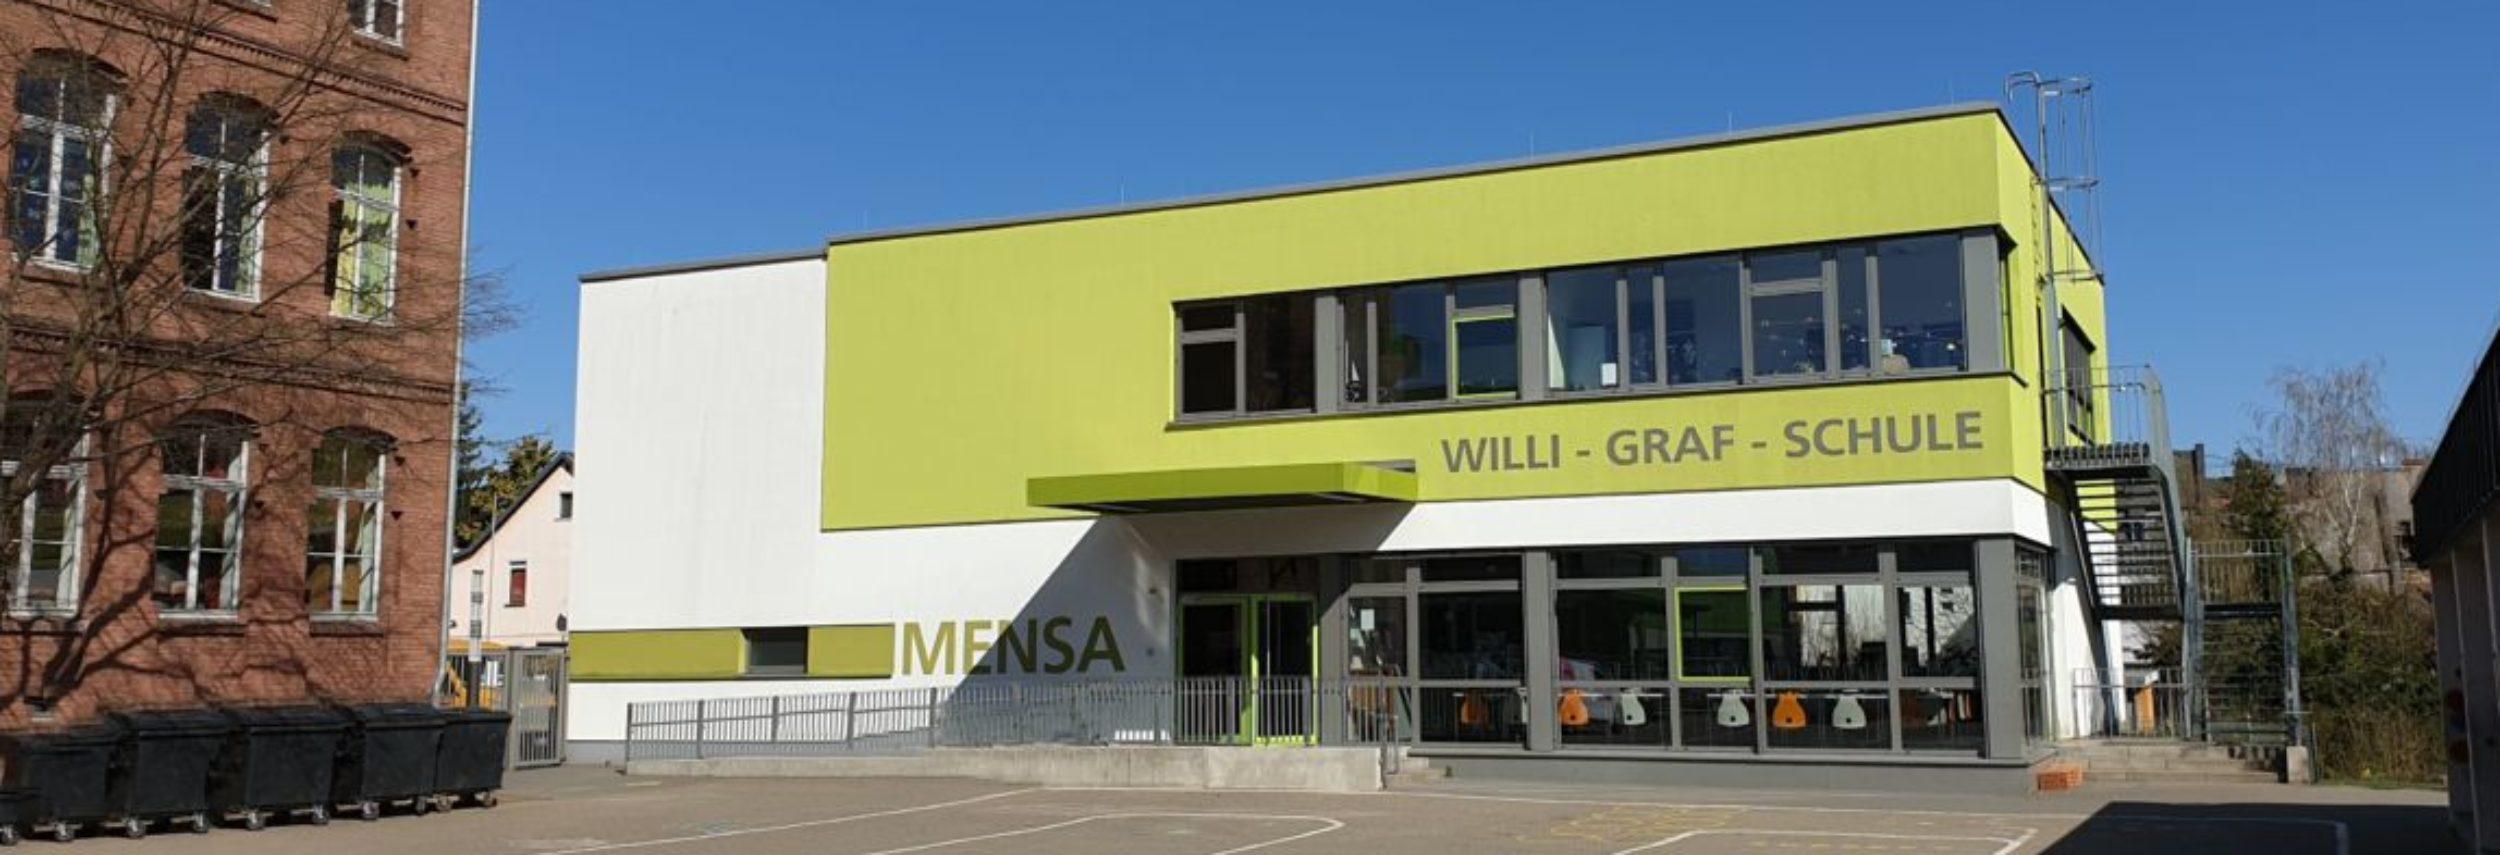 Willi-Graf-Schule